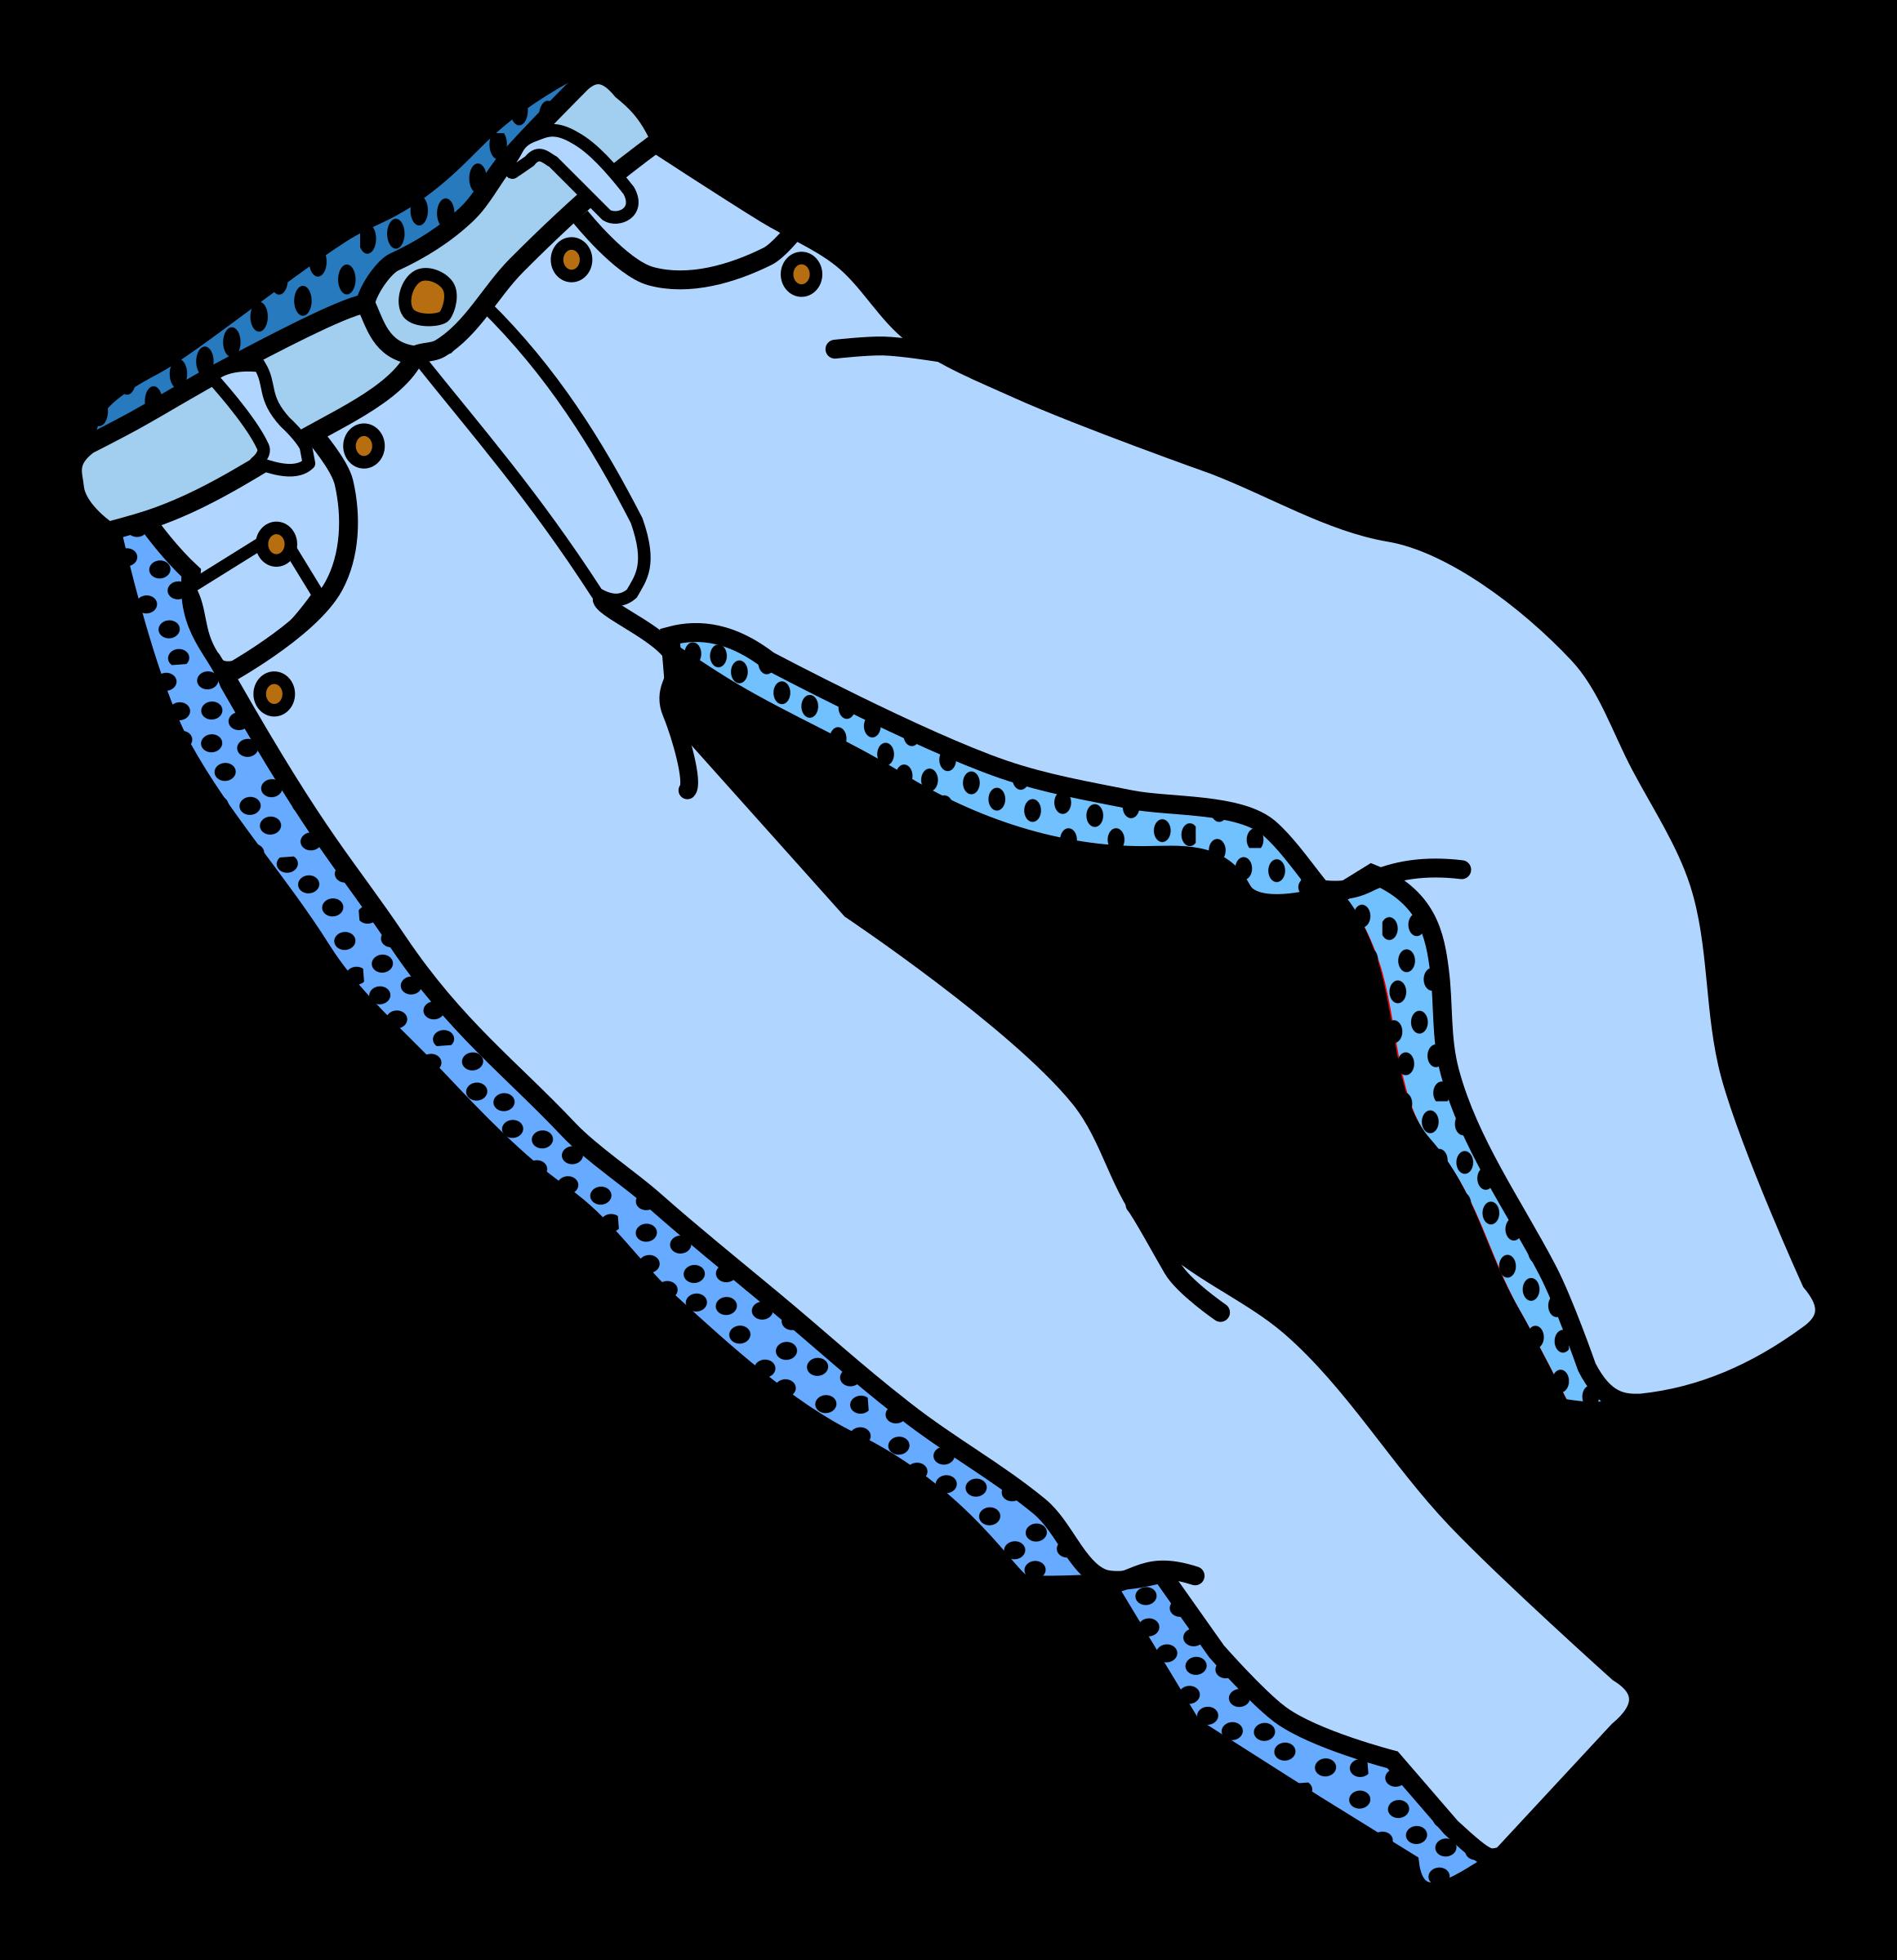 jeans trousers clipart 3464 transparentpng rh transparentpng com pants clipart free pants clipart free